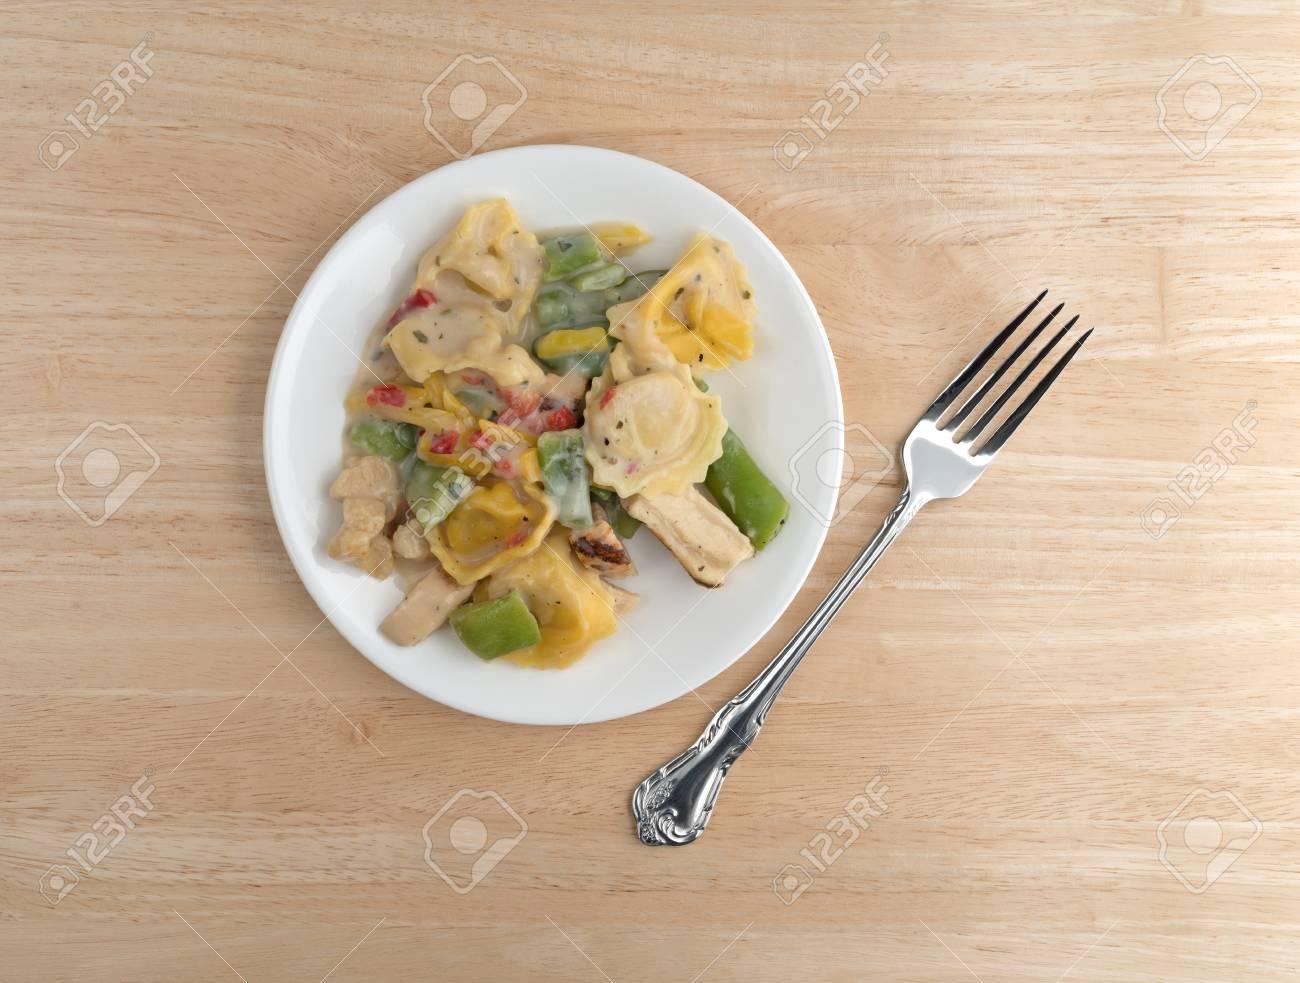 Vue De Dessus D Un Poulet Avec Tortellini Et Legumes Tv Diner Sur